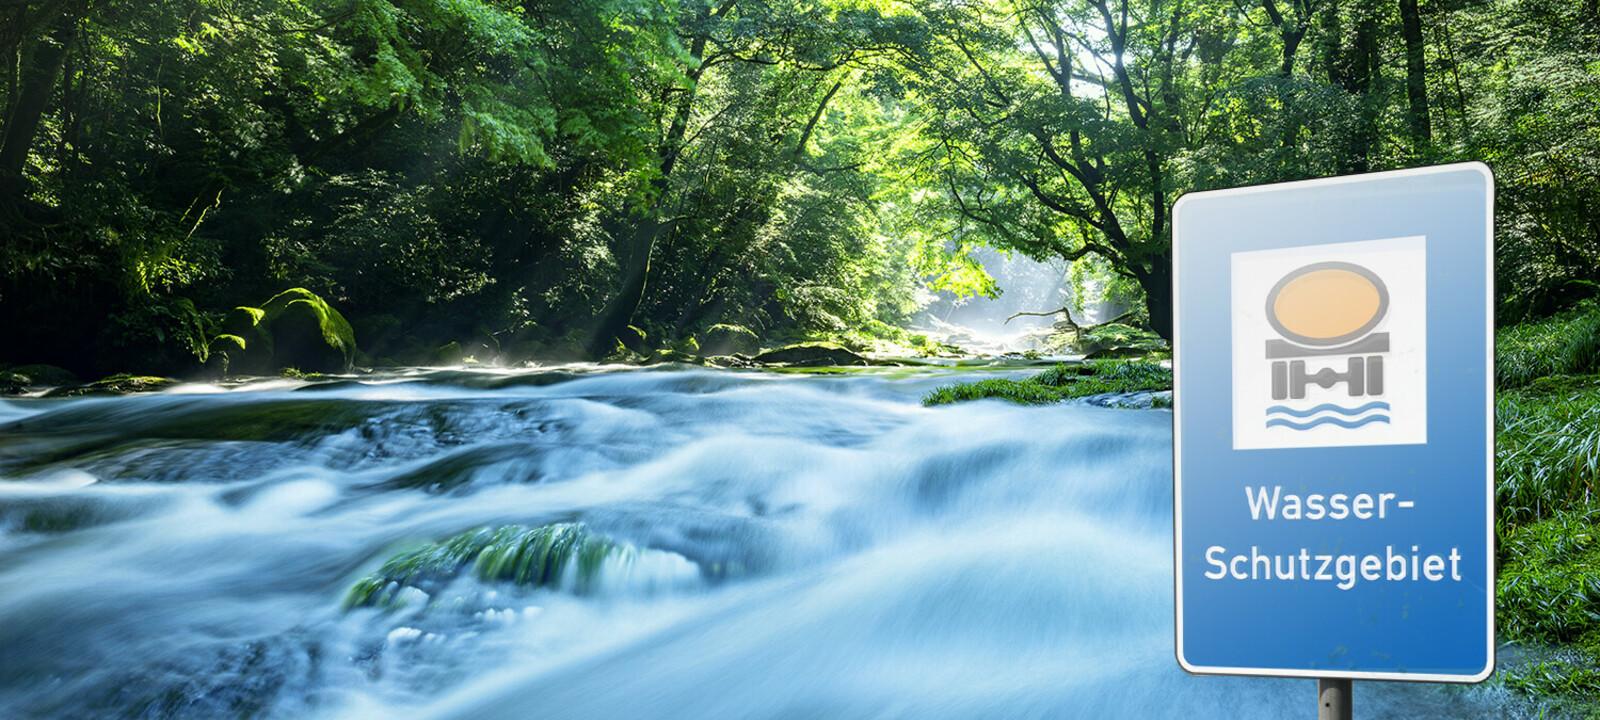 8 Wasserschutzgebiet